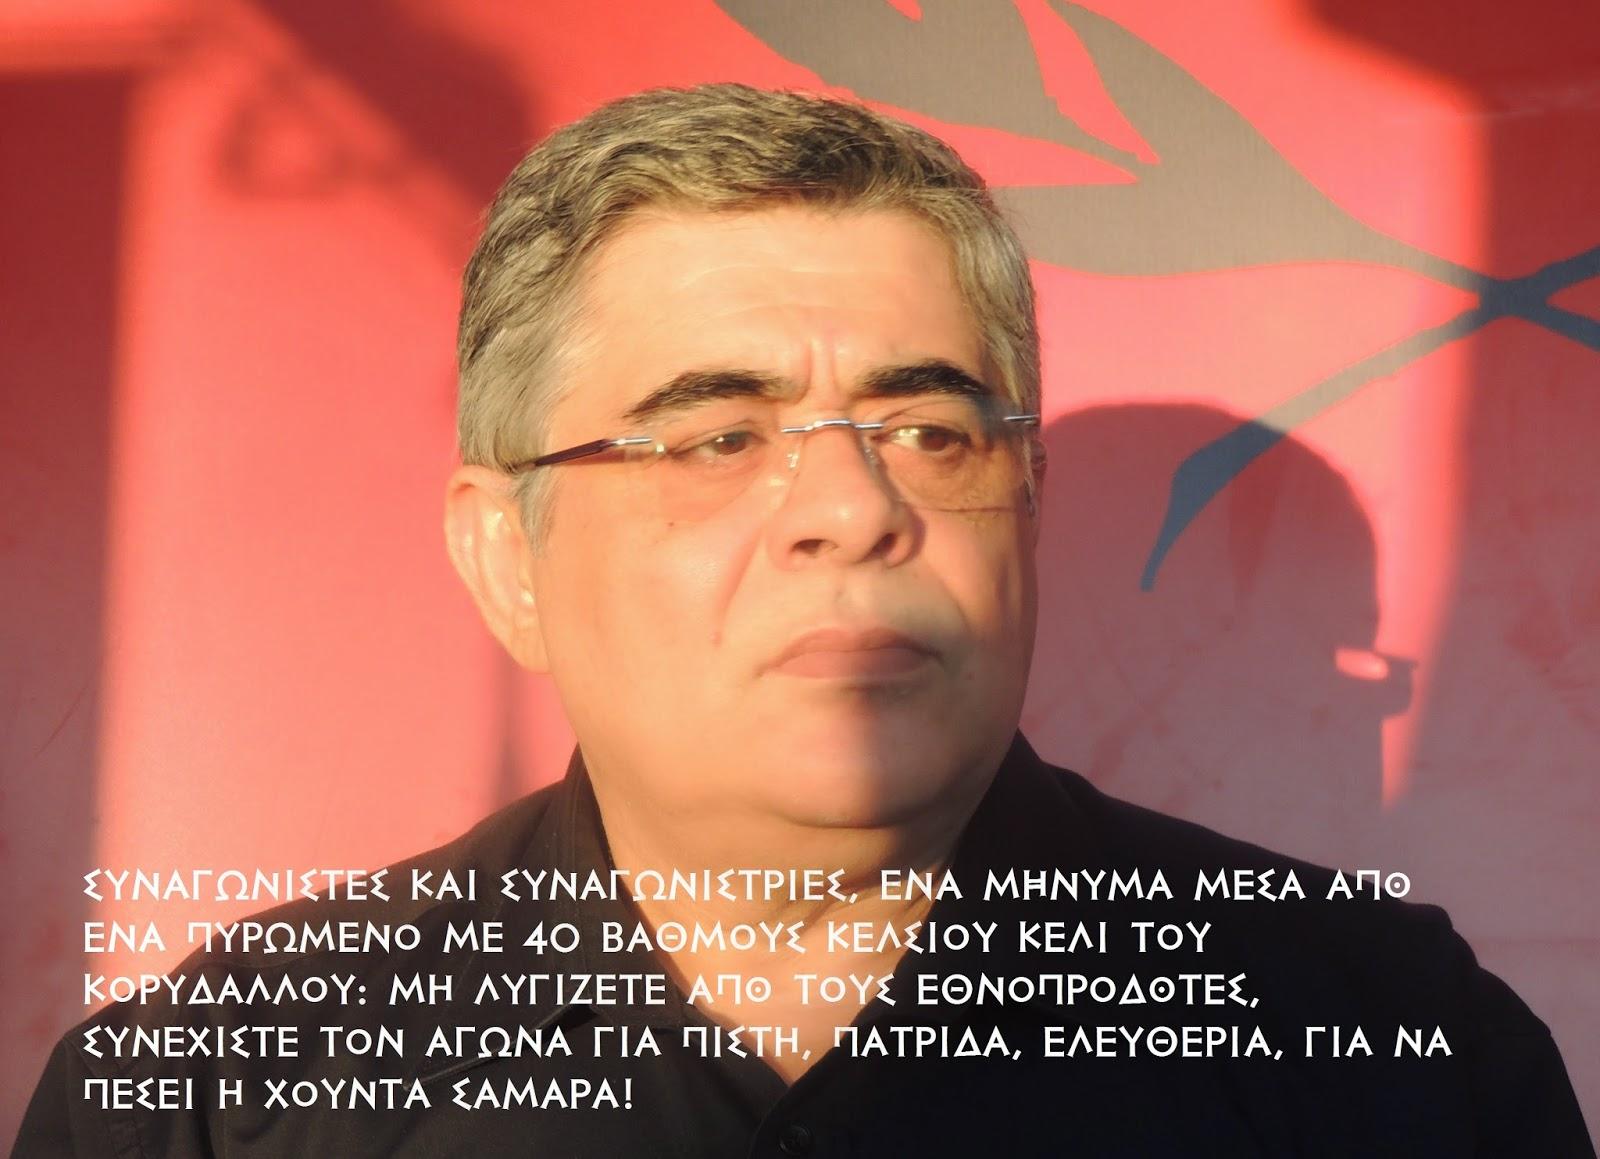 N.Γ.Μιχαλολιάκος 7 χρόνια πριν:Δεν γίνεται Εθνική πολιτική υψώνοντας λευκή σημαία